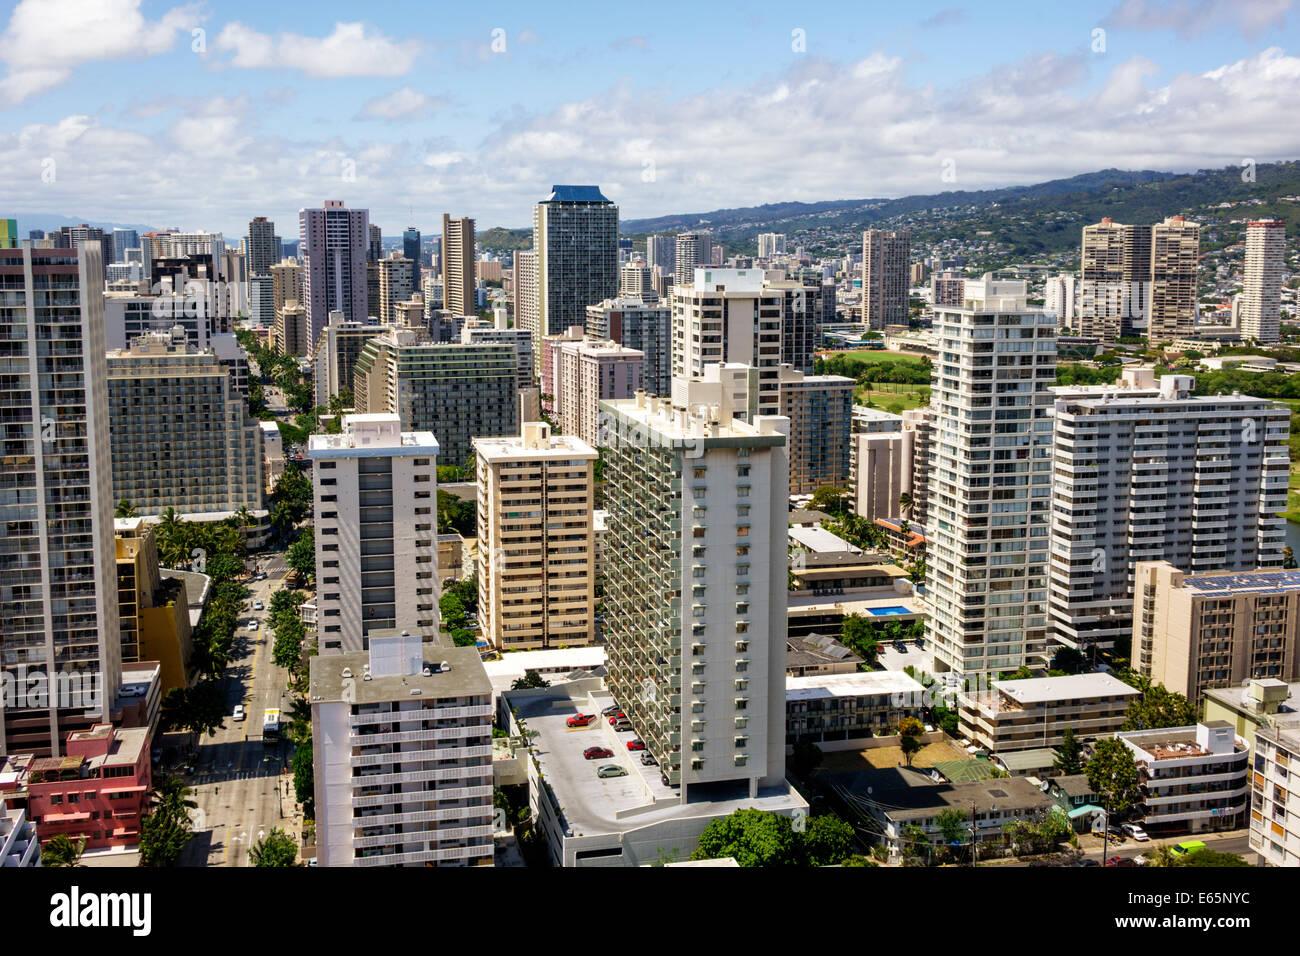 Hawaii Hawaiian Honolulu Waikiki Beach resort high rise building hotels condominium buildings - Stock Image